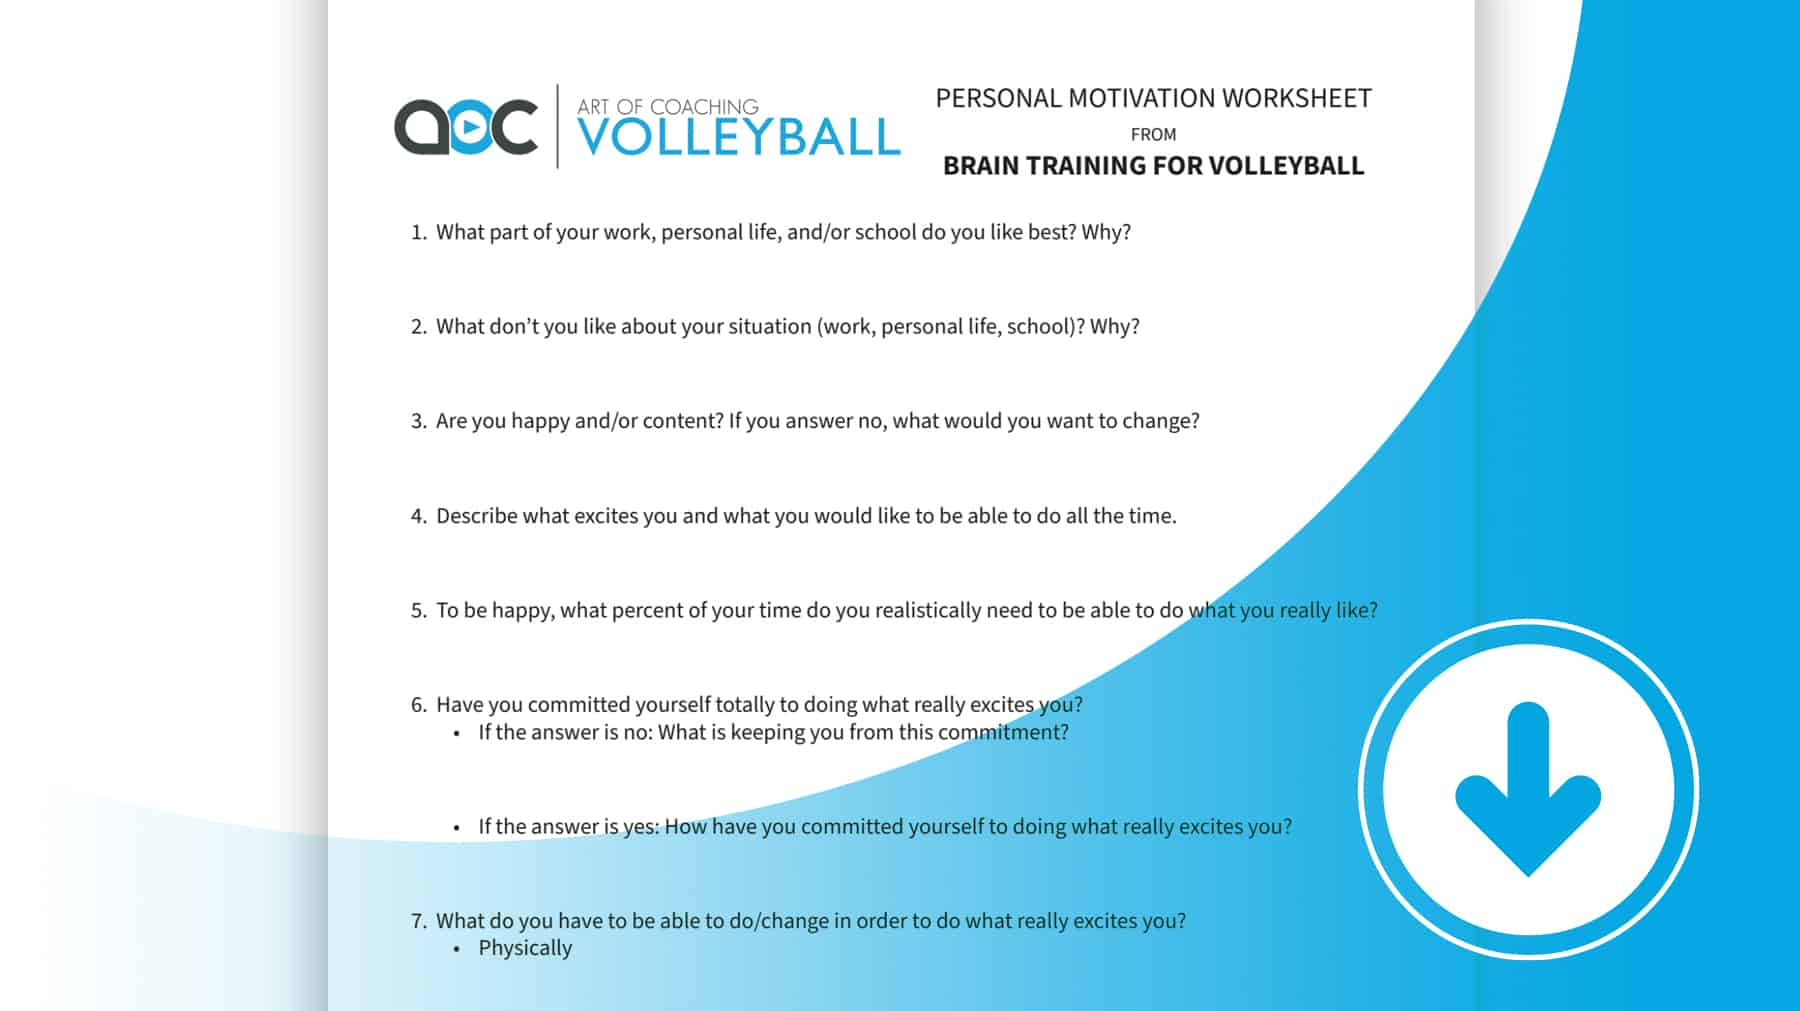 Personal Motivation Worksheet